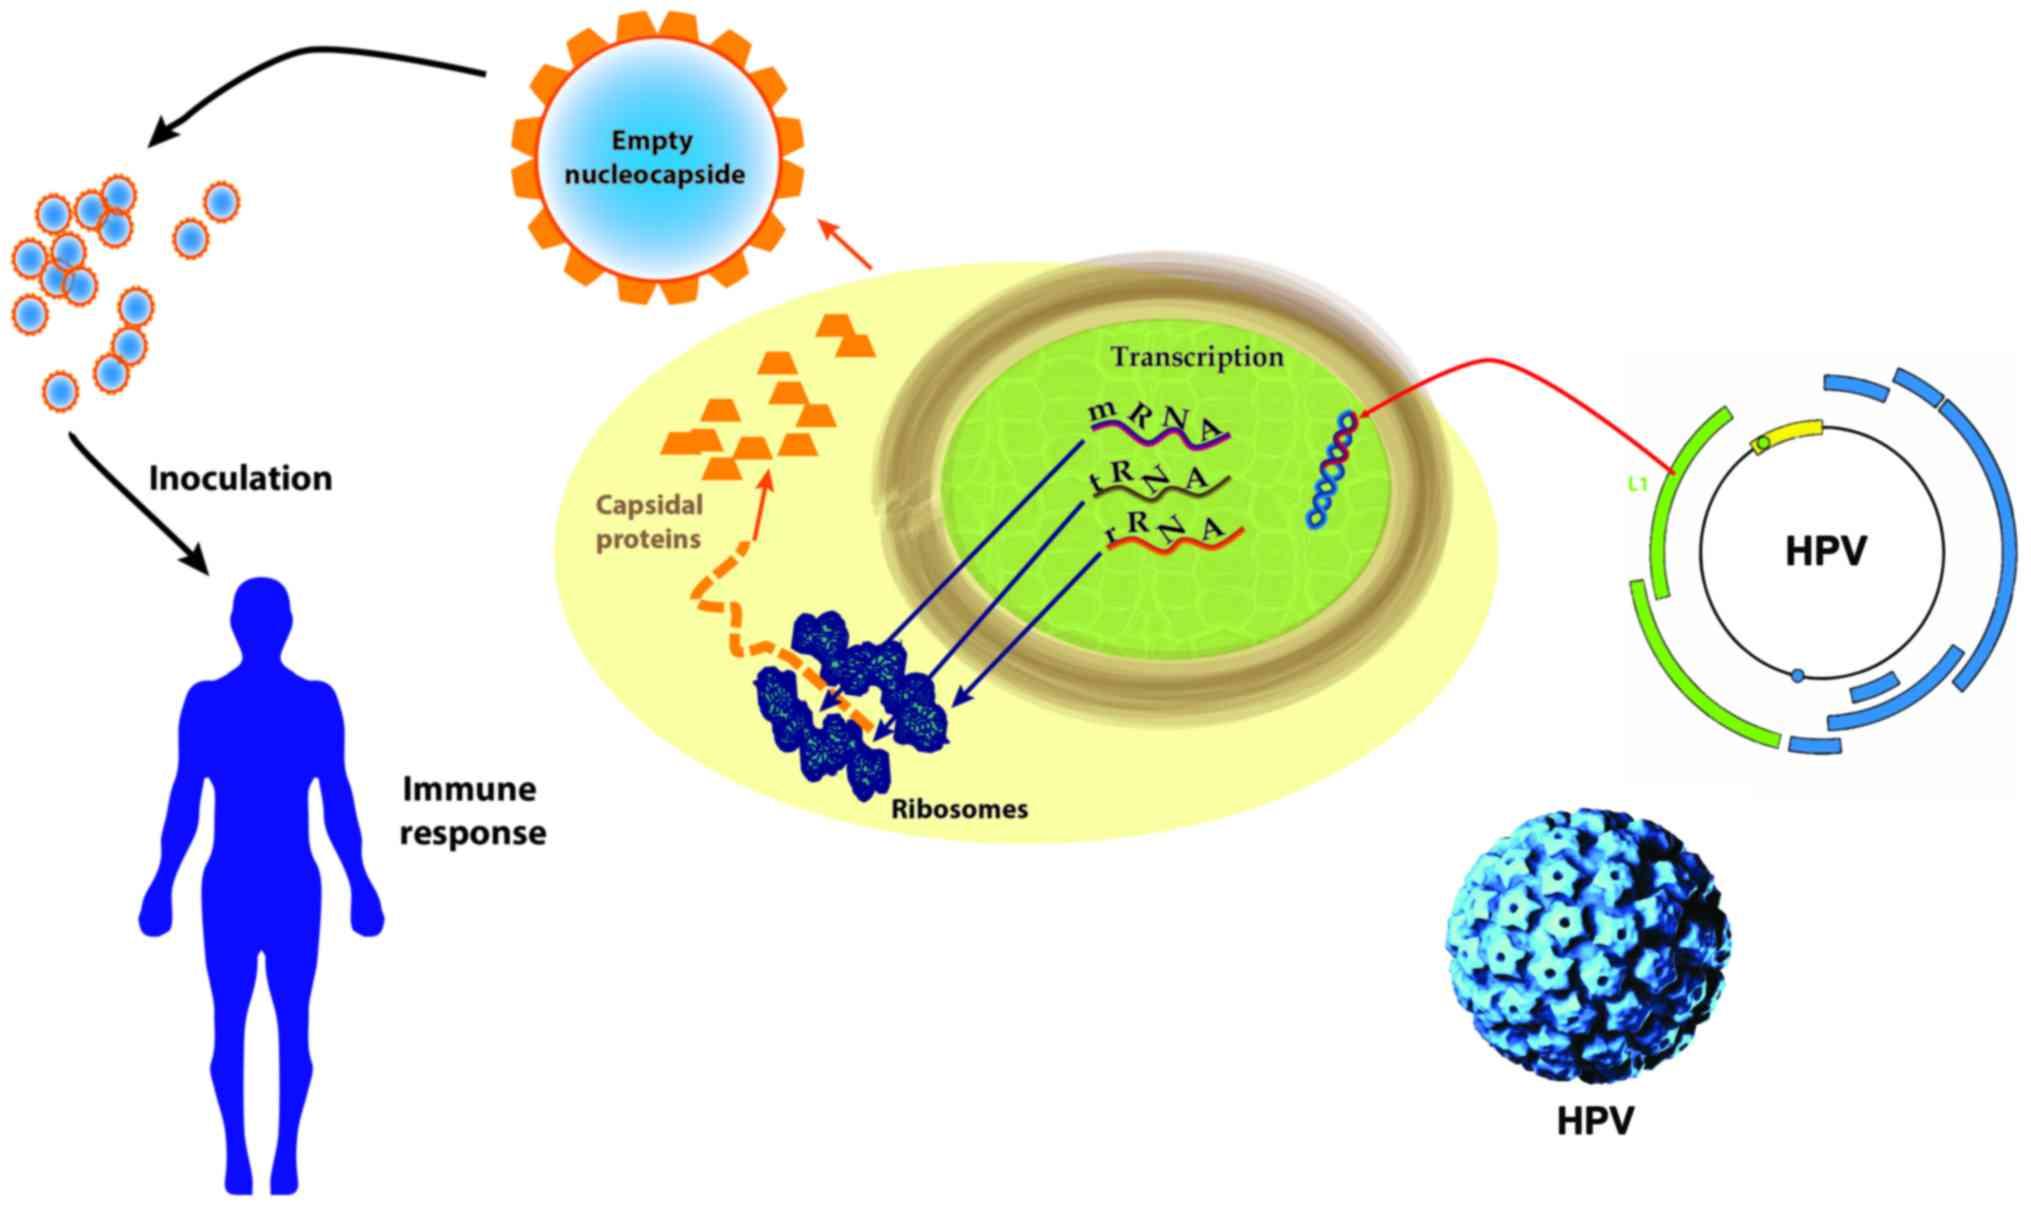 human papillomavirus (hpv) type 6